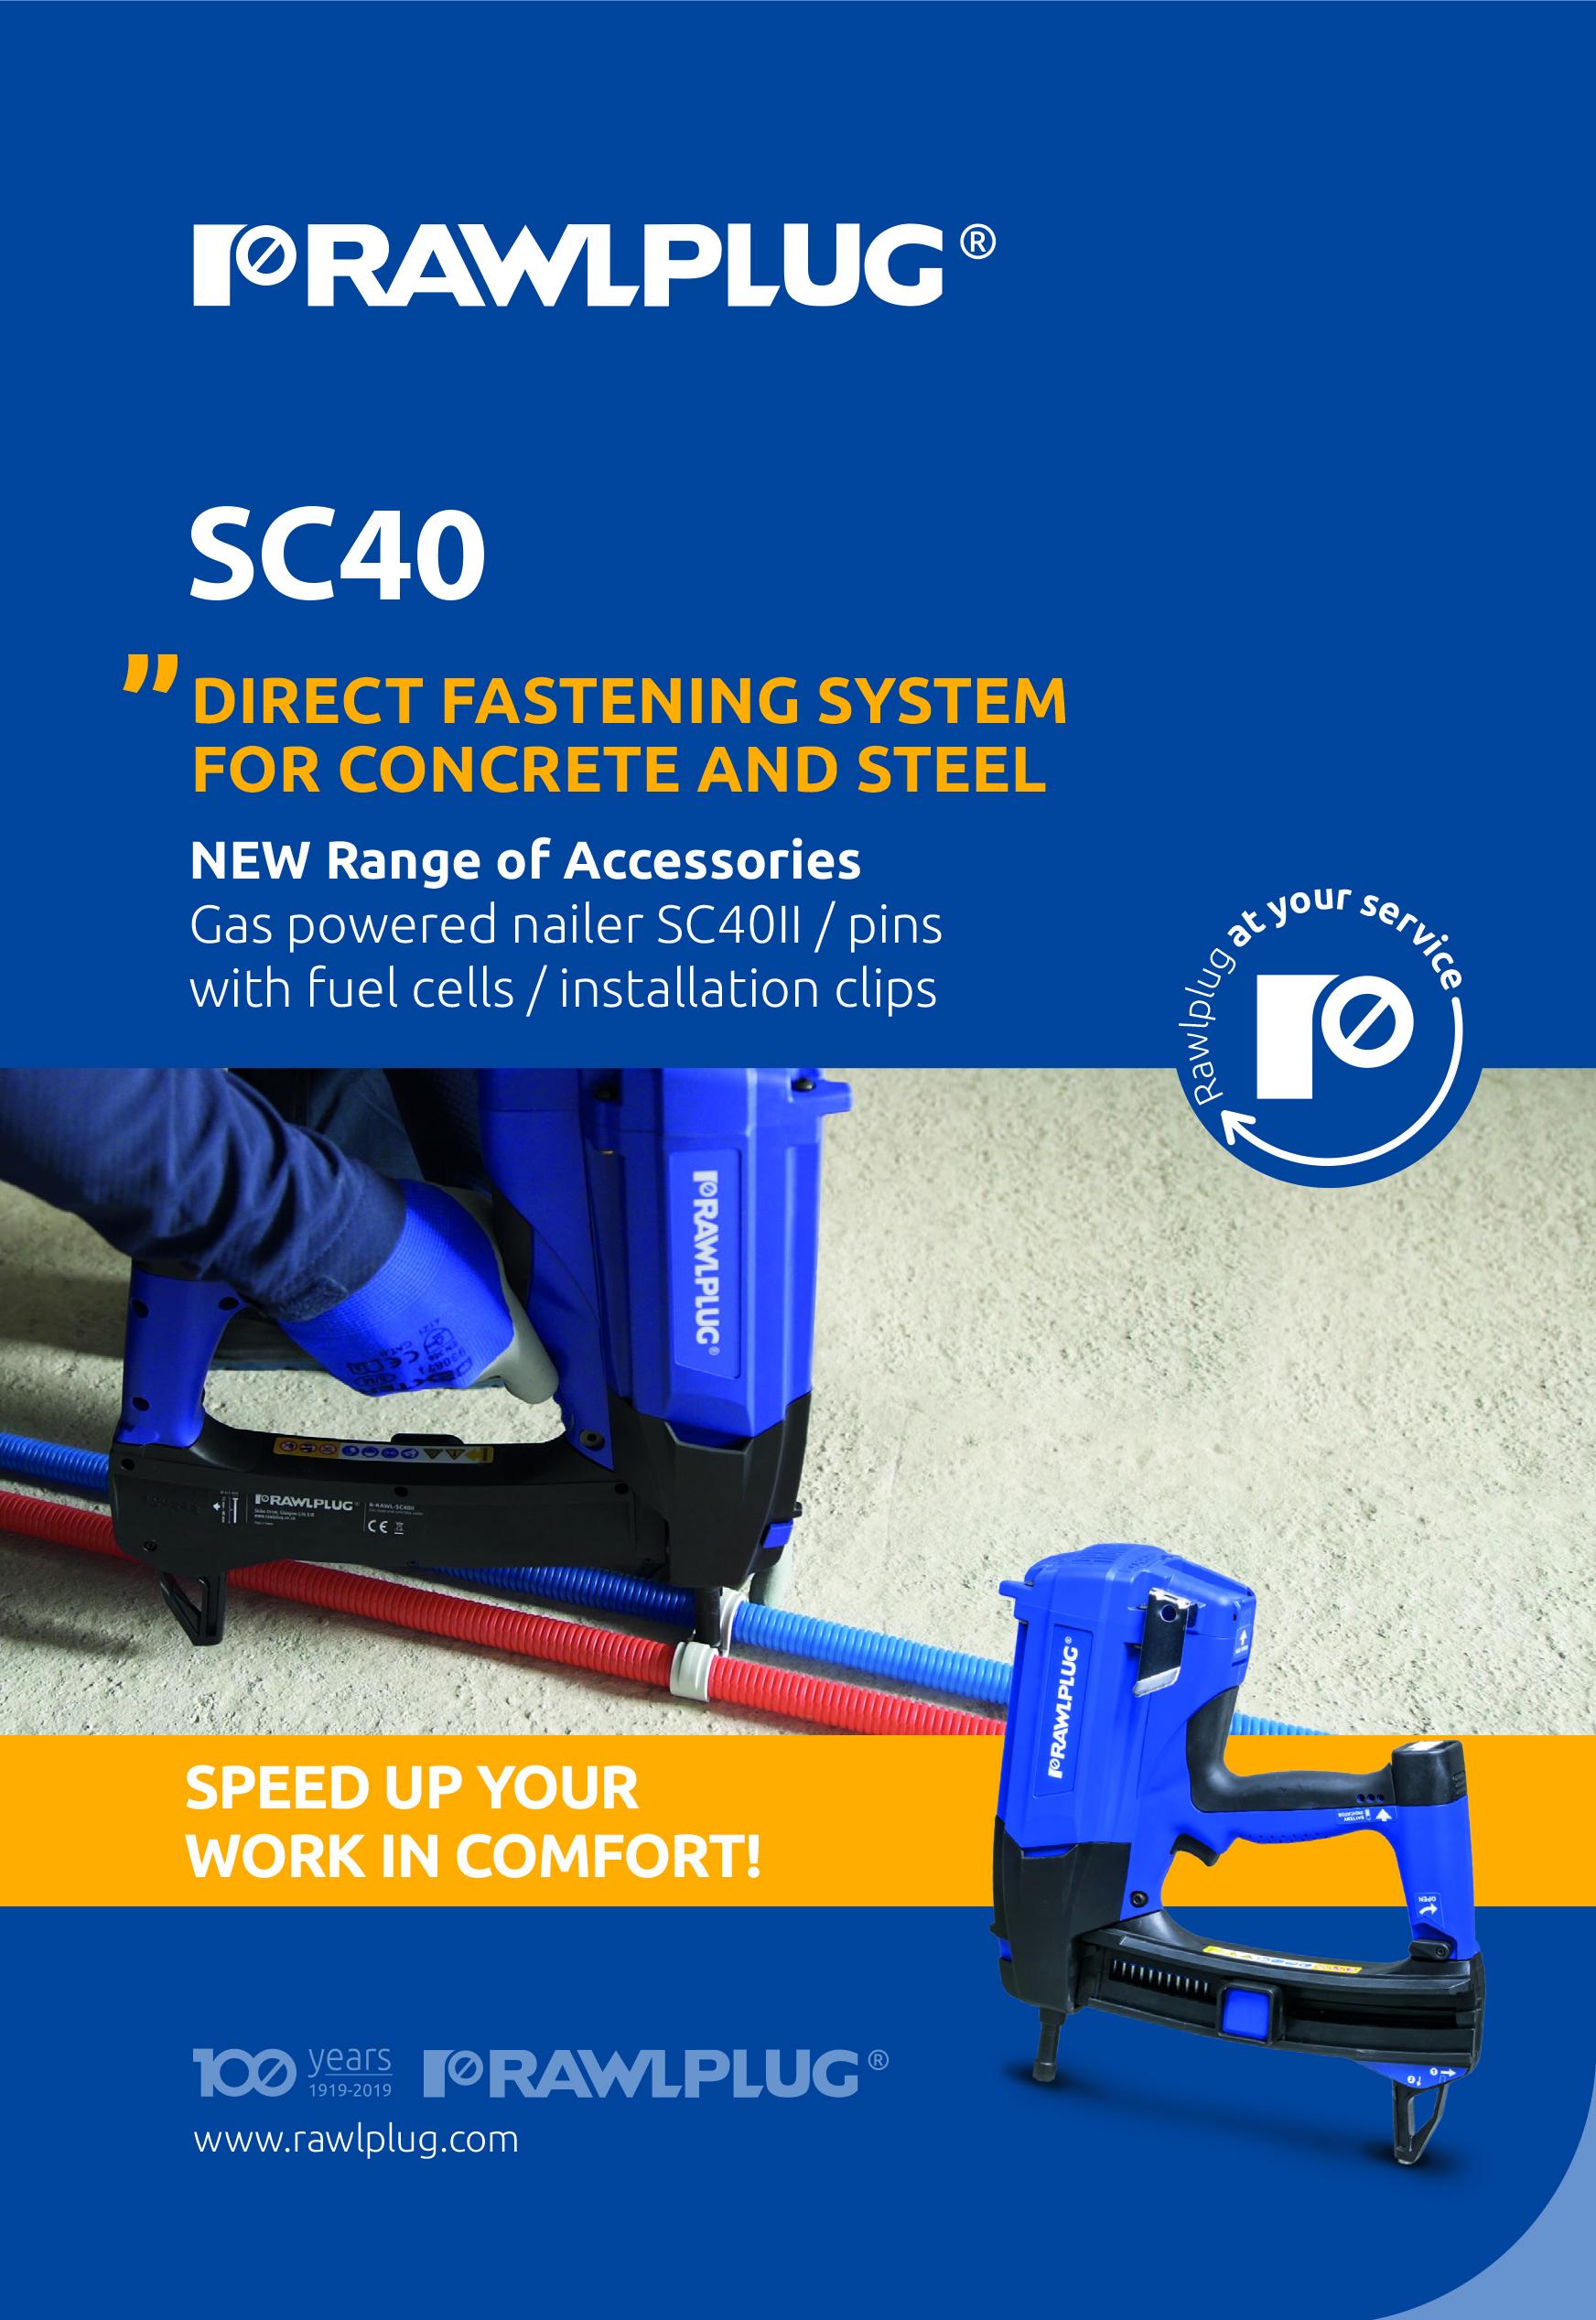 SC40 & Accessories